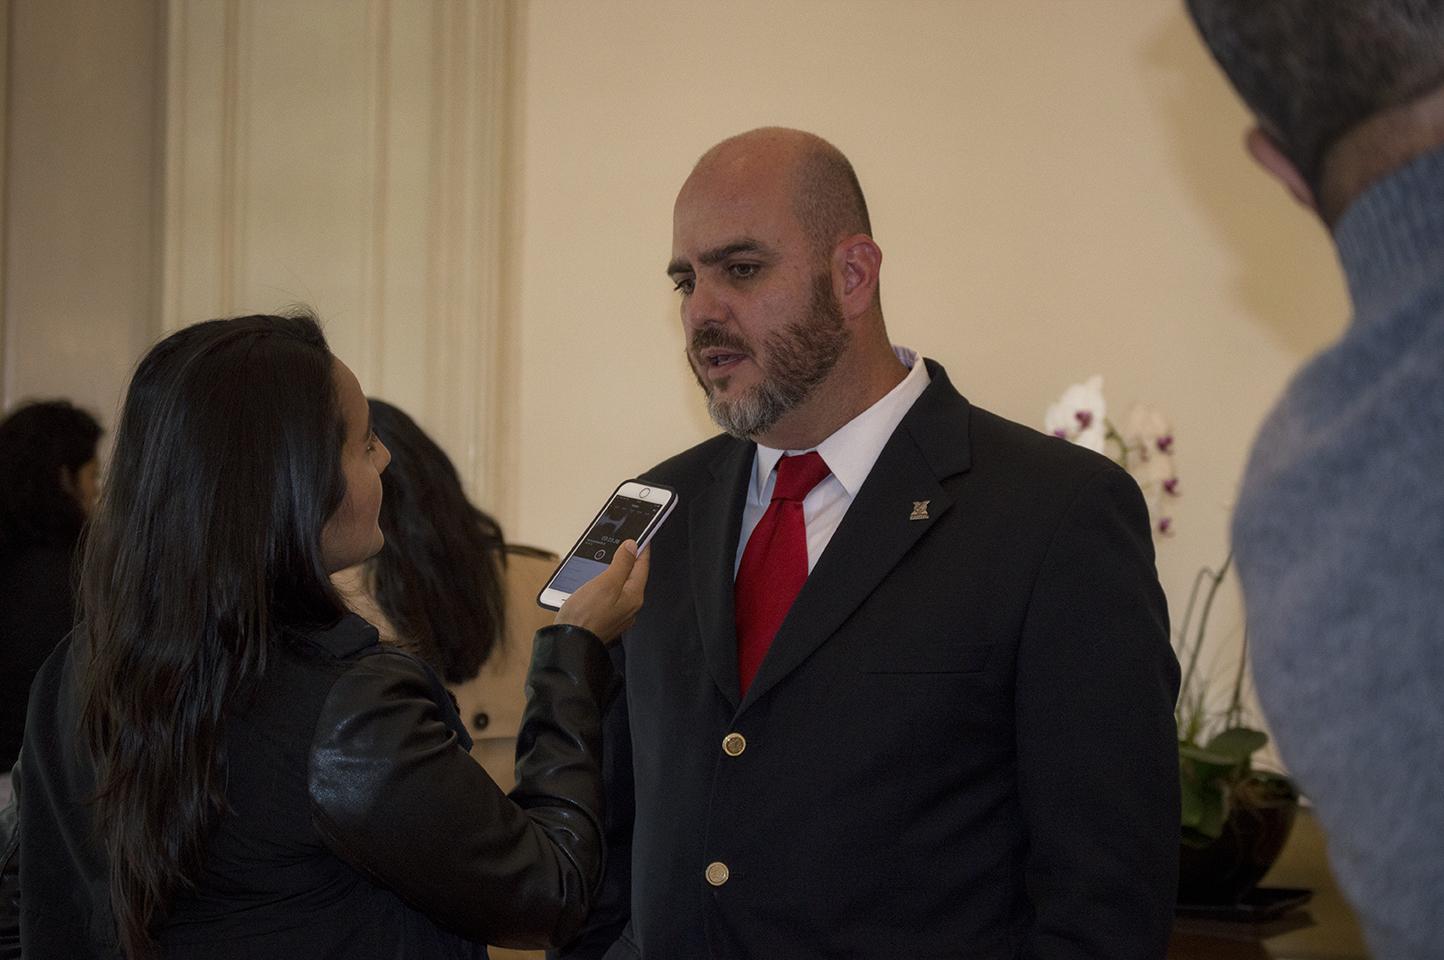 Fernanda Delgadillo entrevista a Juan Carlos Izquierdo, Director de EarthX México  Foto: Fabzz Hernández